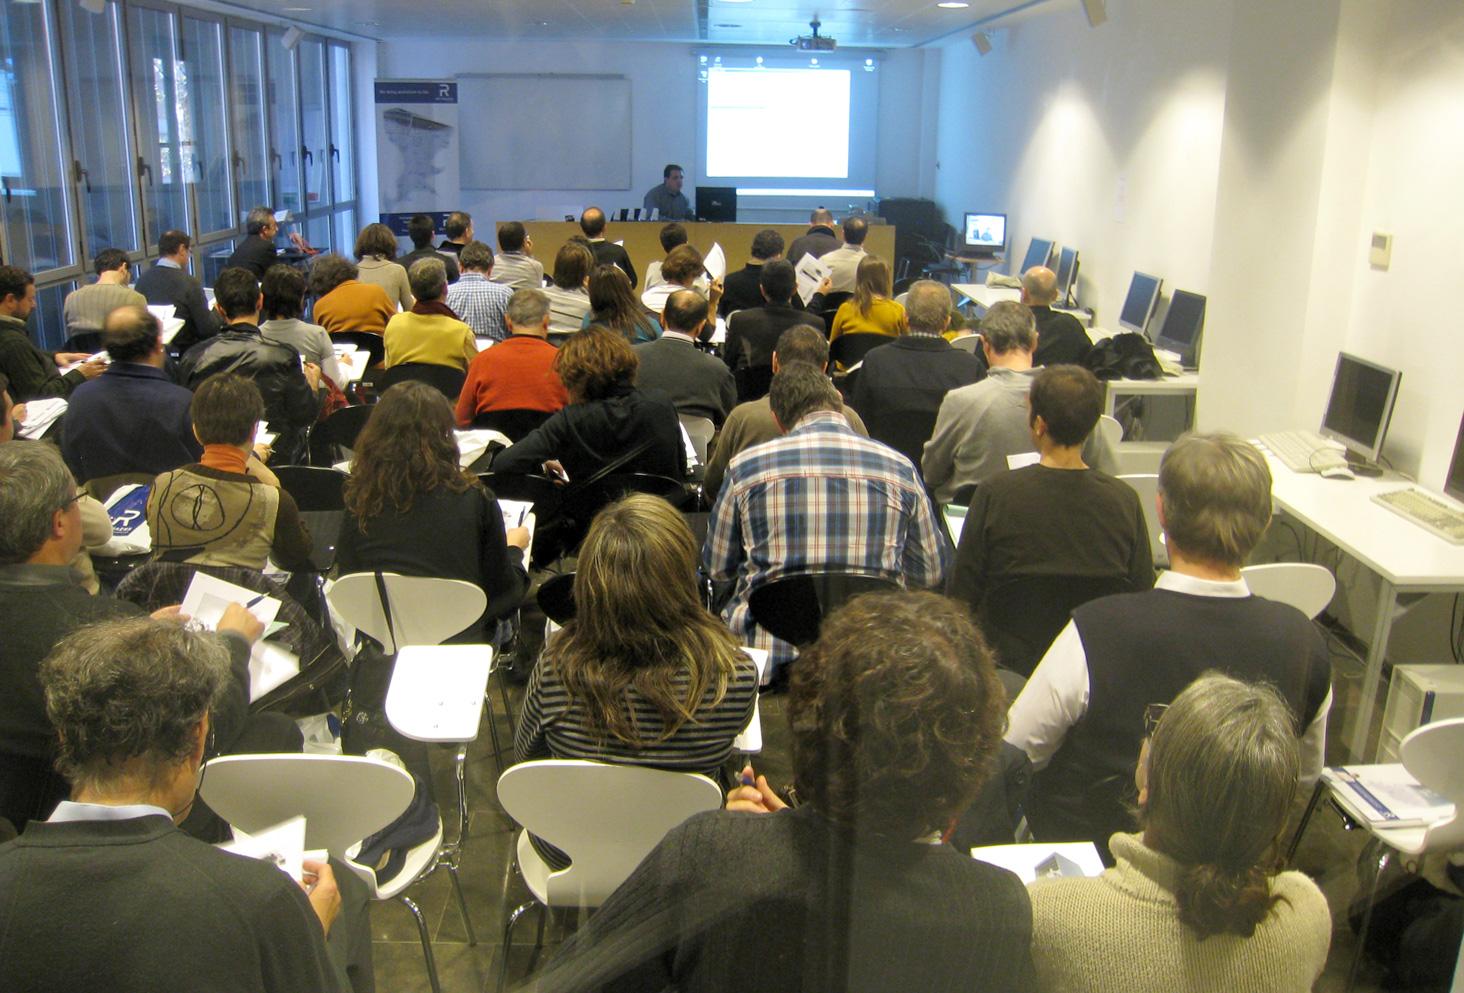 Reynaers aluminio y arquitectura diciembre 2010 - Colegio arquitectos barcelona ...